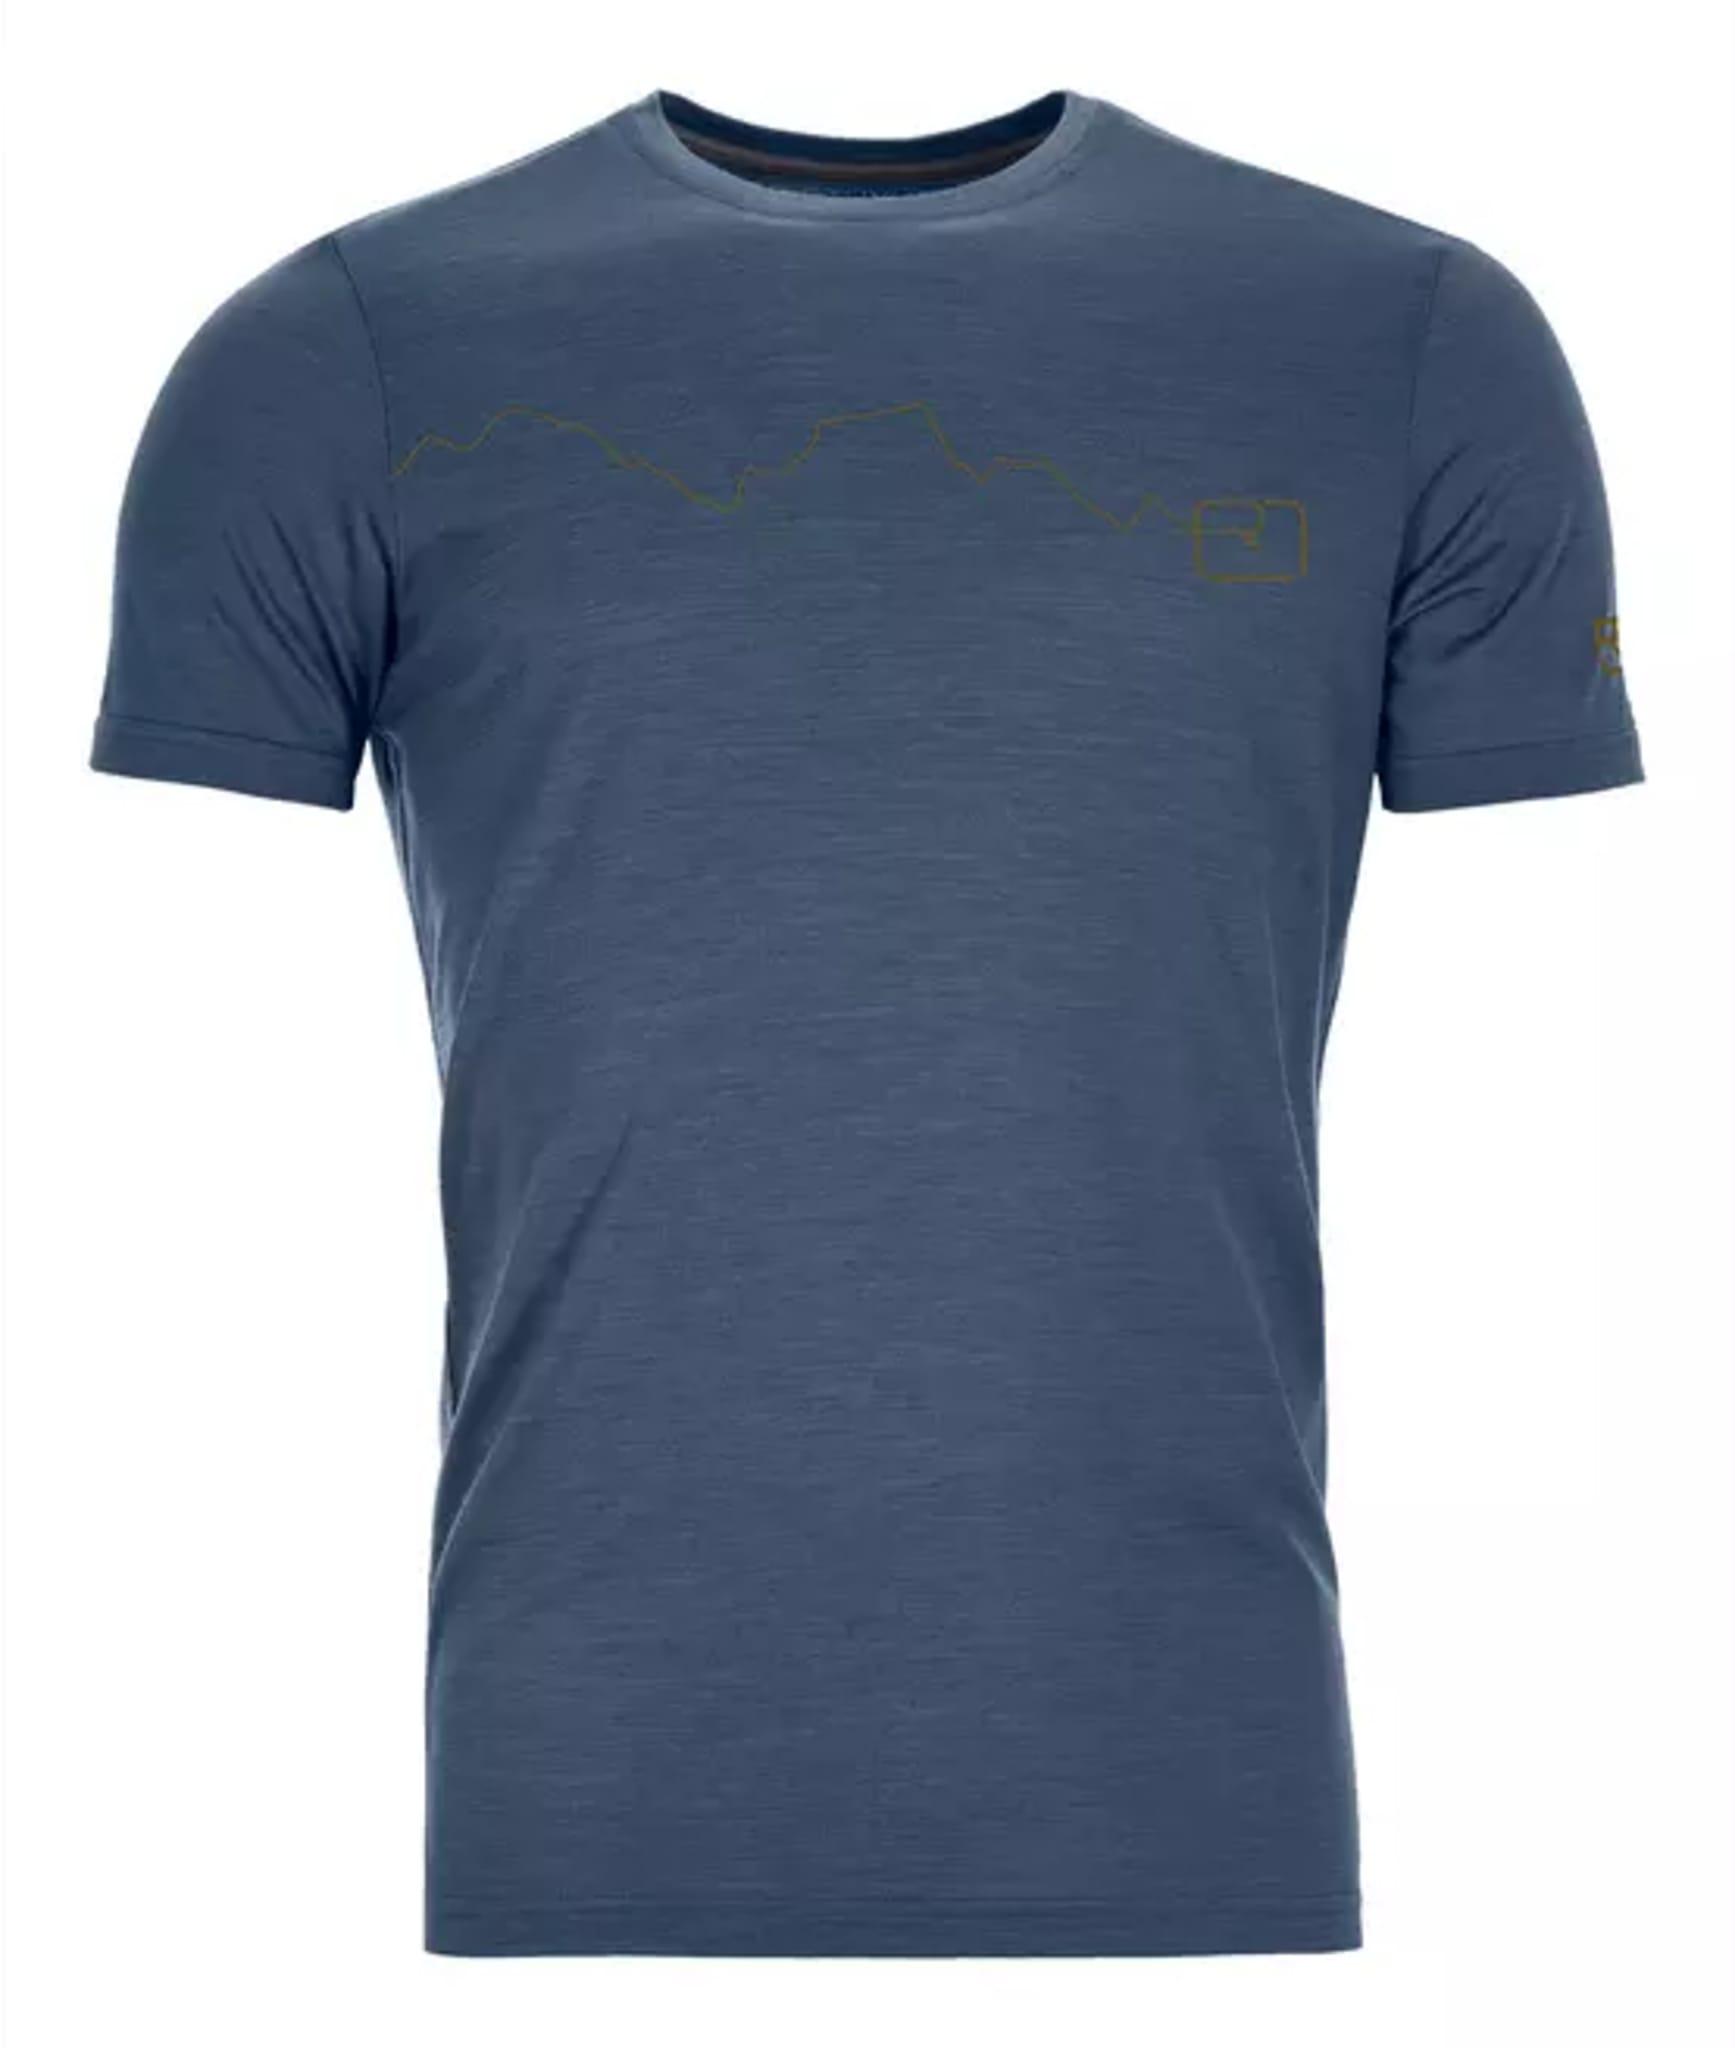 120 Tec Mountain T-Shirt Ms